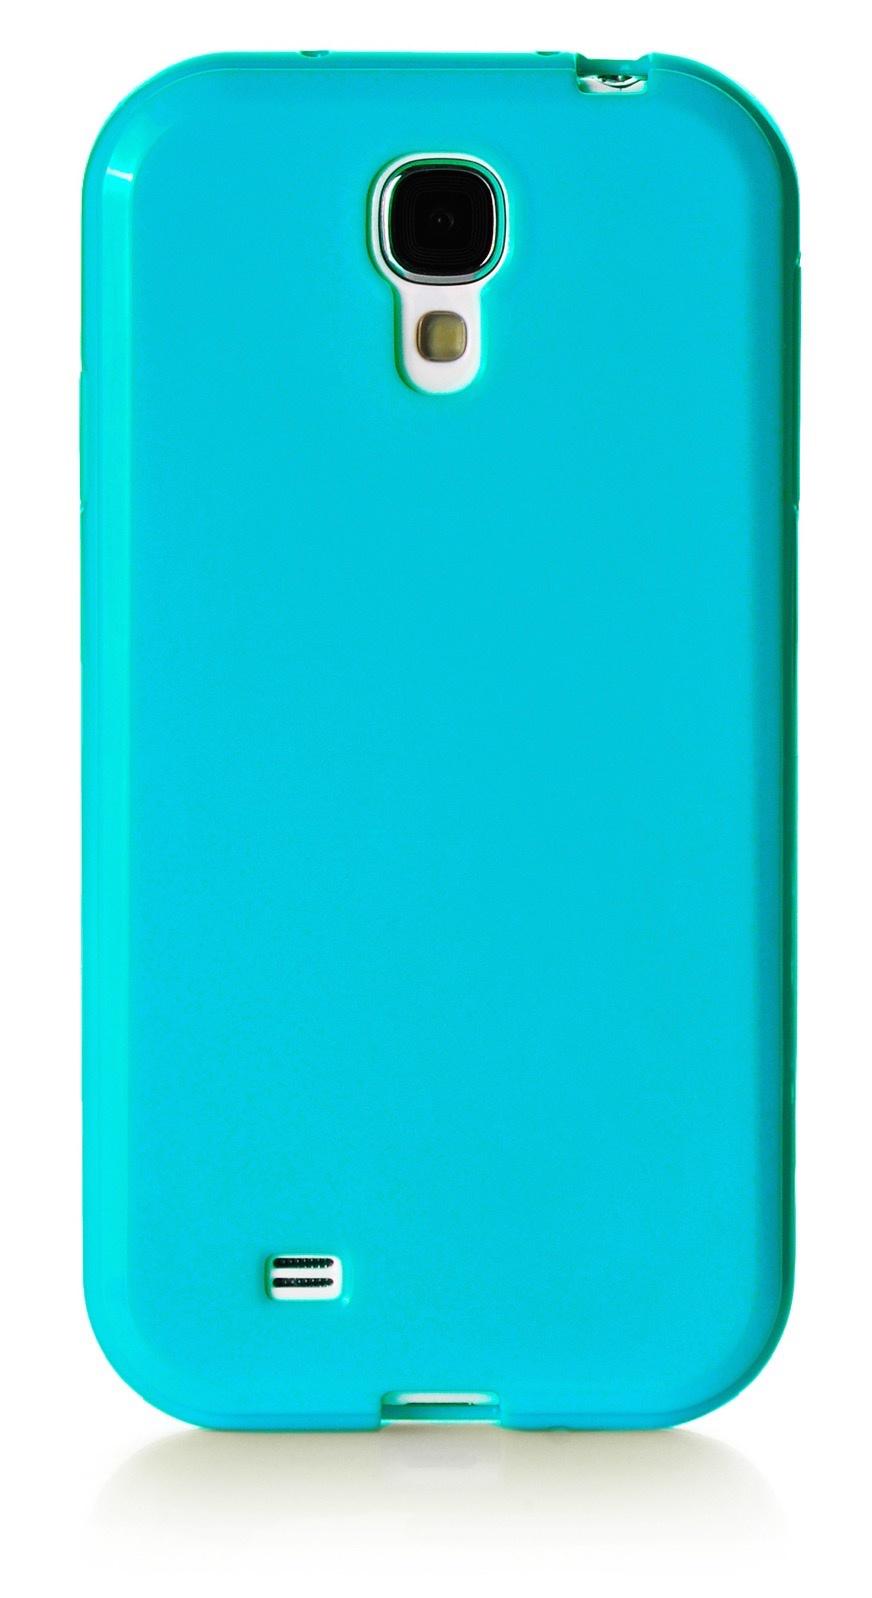 Чехол для сотового телефона iNeez накладка силикон мыльница 450171 для Samsung Galaxy S4, бирюзовый